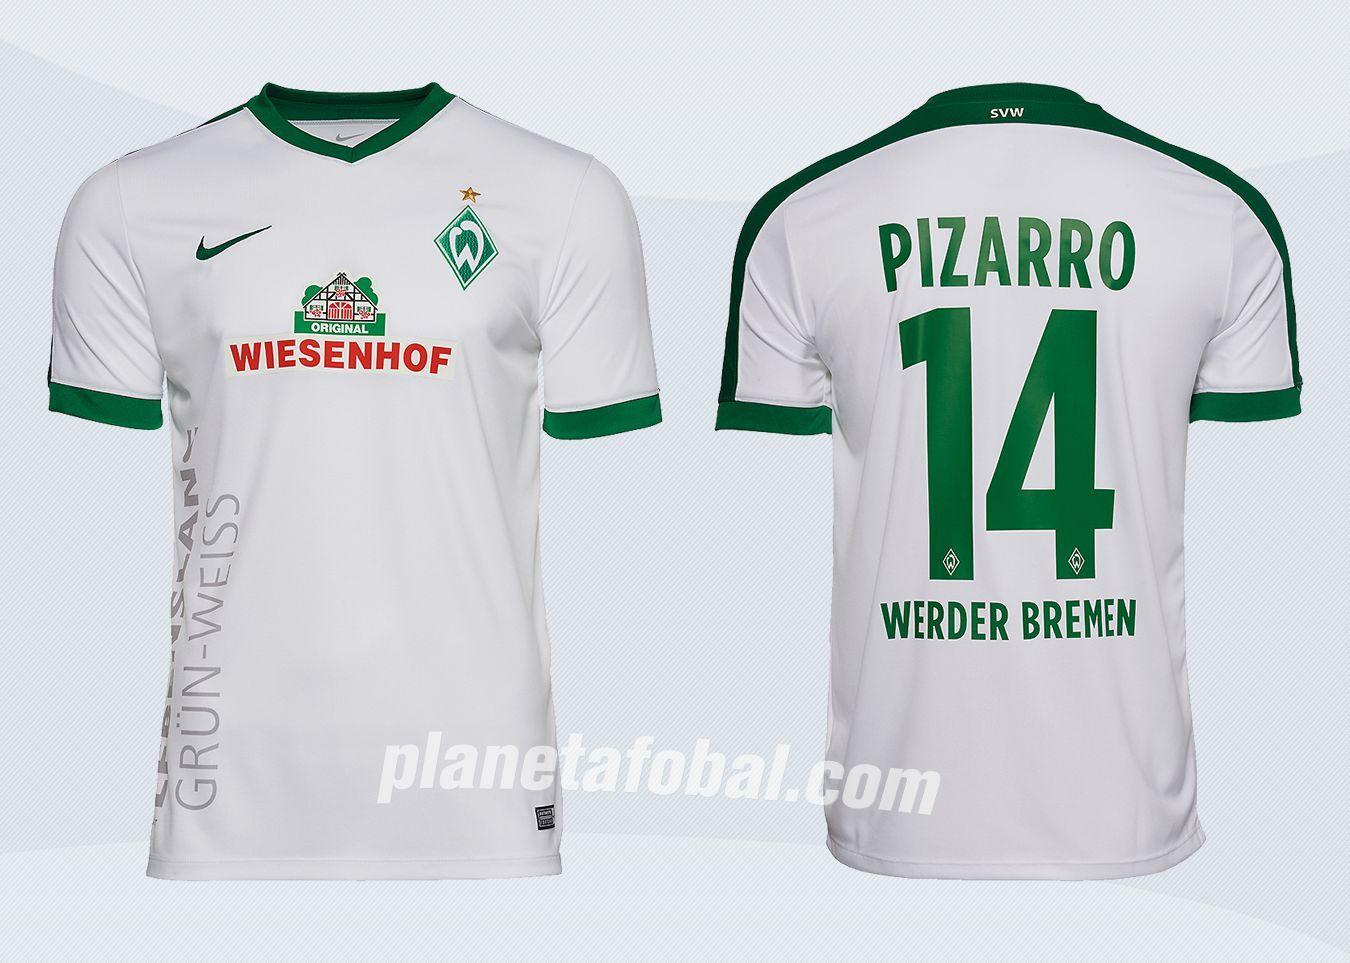 Tercera camiseta Nike del Werder Bremen para 2016/2017 | Imágenes Tienda Oficial